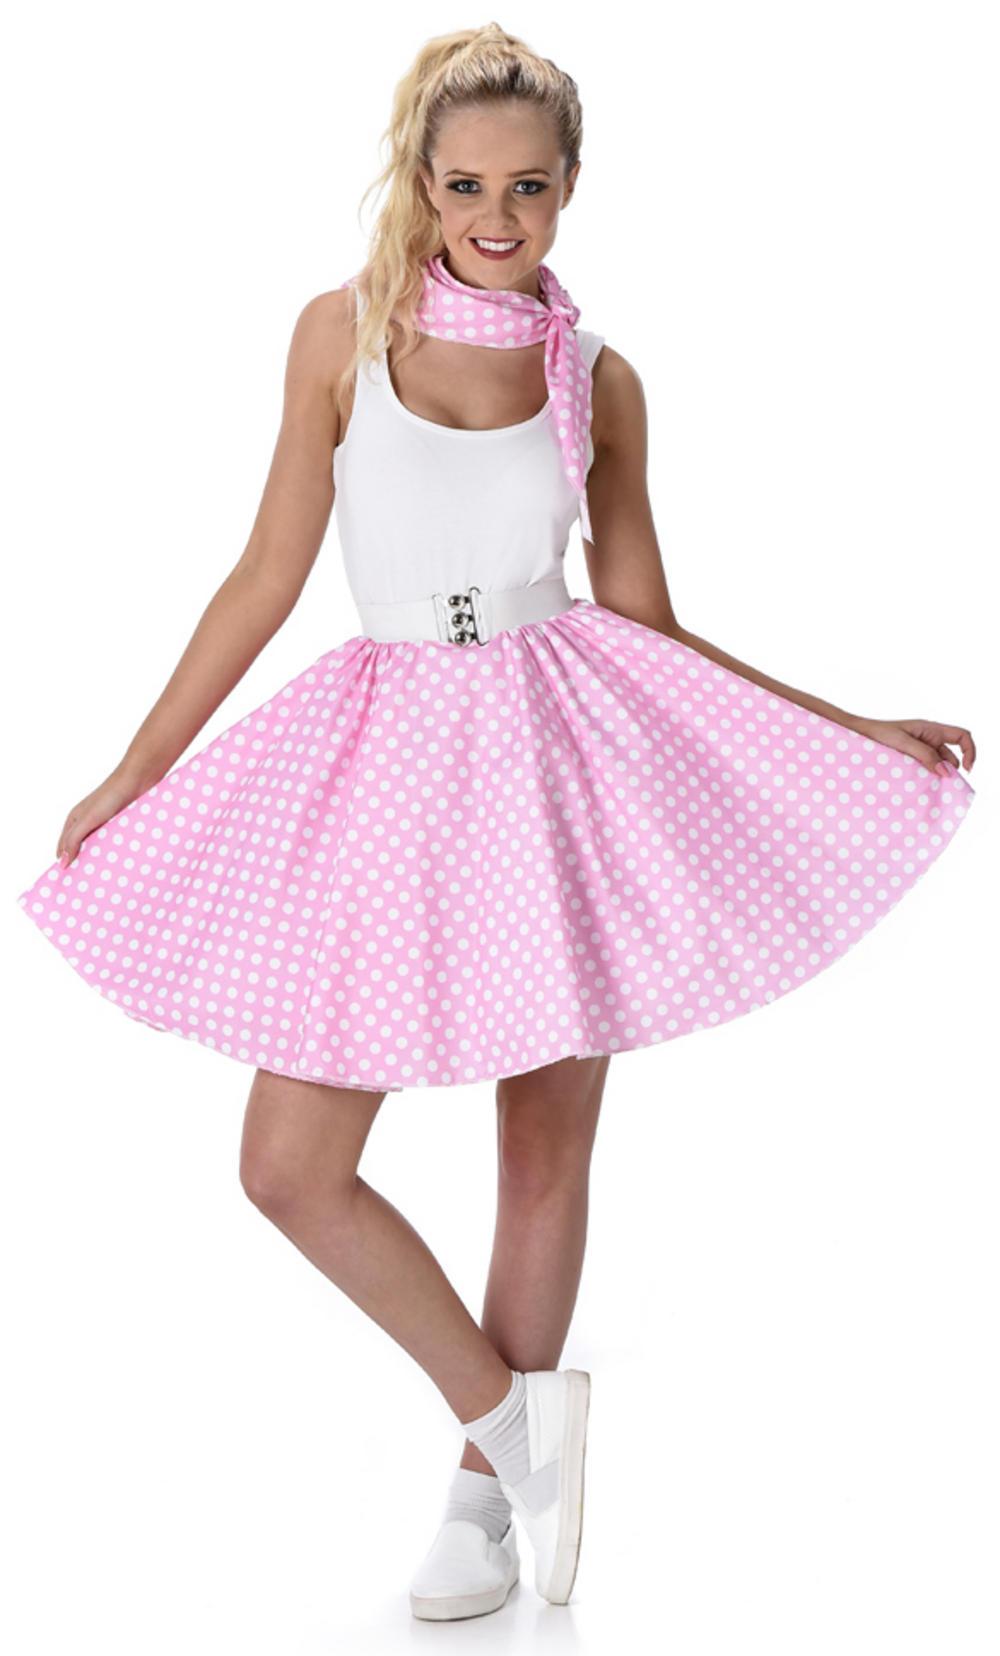 Baby Pink Polka Dot Skirt Ladies Costume All Ladies